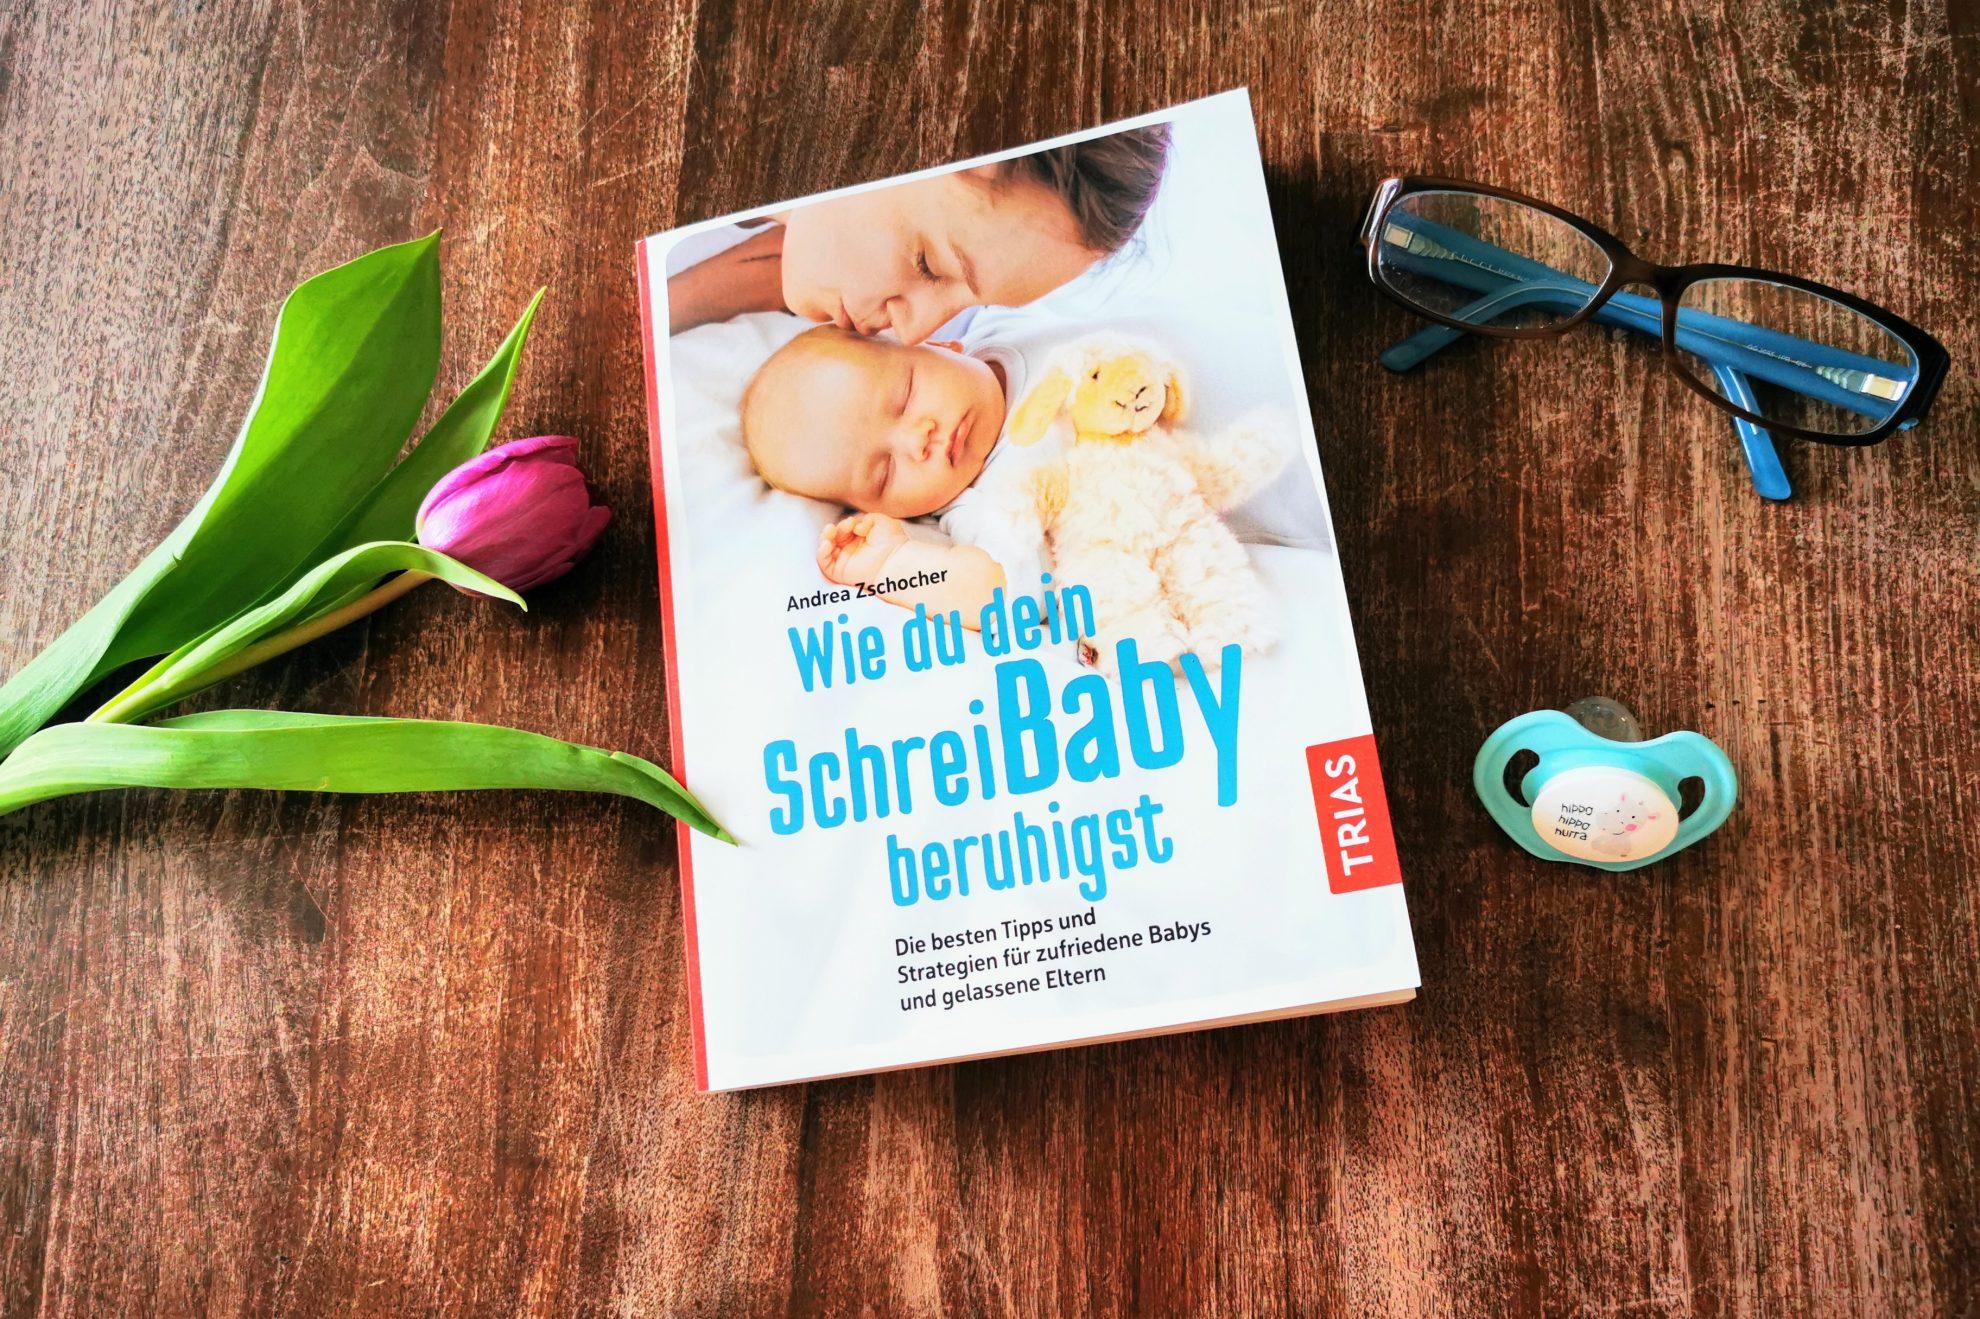 Rezension: Andrea Zschocher: Wie du dein Schreibaby beruhigst - ein liebevoller Ratgeber auf Augenhöhe, erschienen im Trias-Verlag, rezensiert auf Puddingklecks. dem Großfamilienblog mit Herz